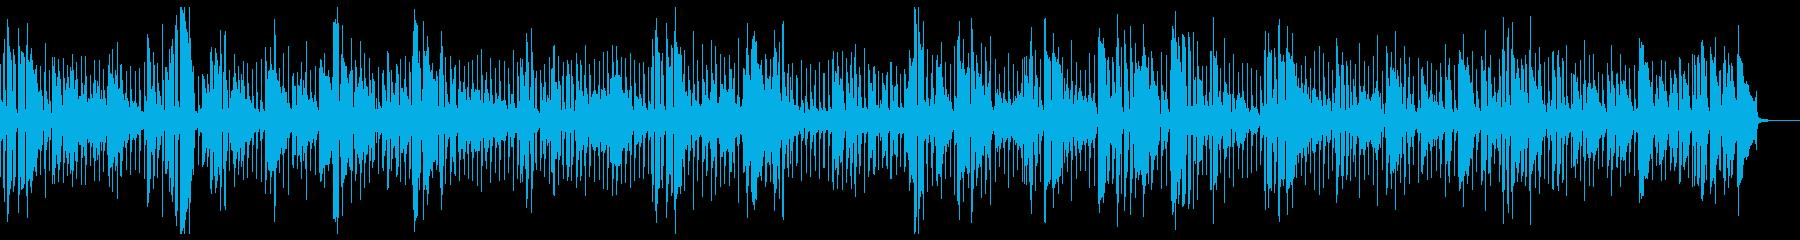 トロンボーンが主役の再生済みの波形